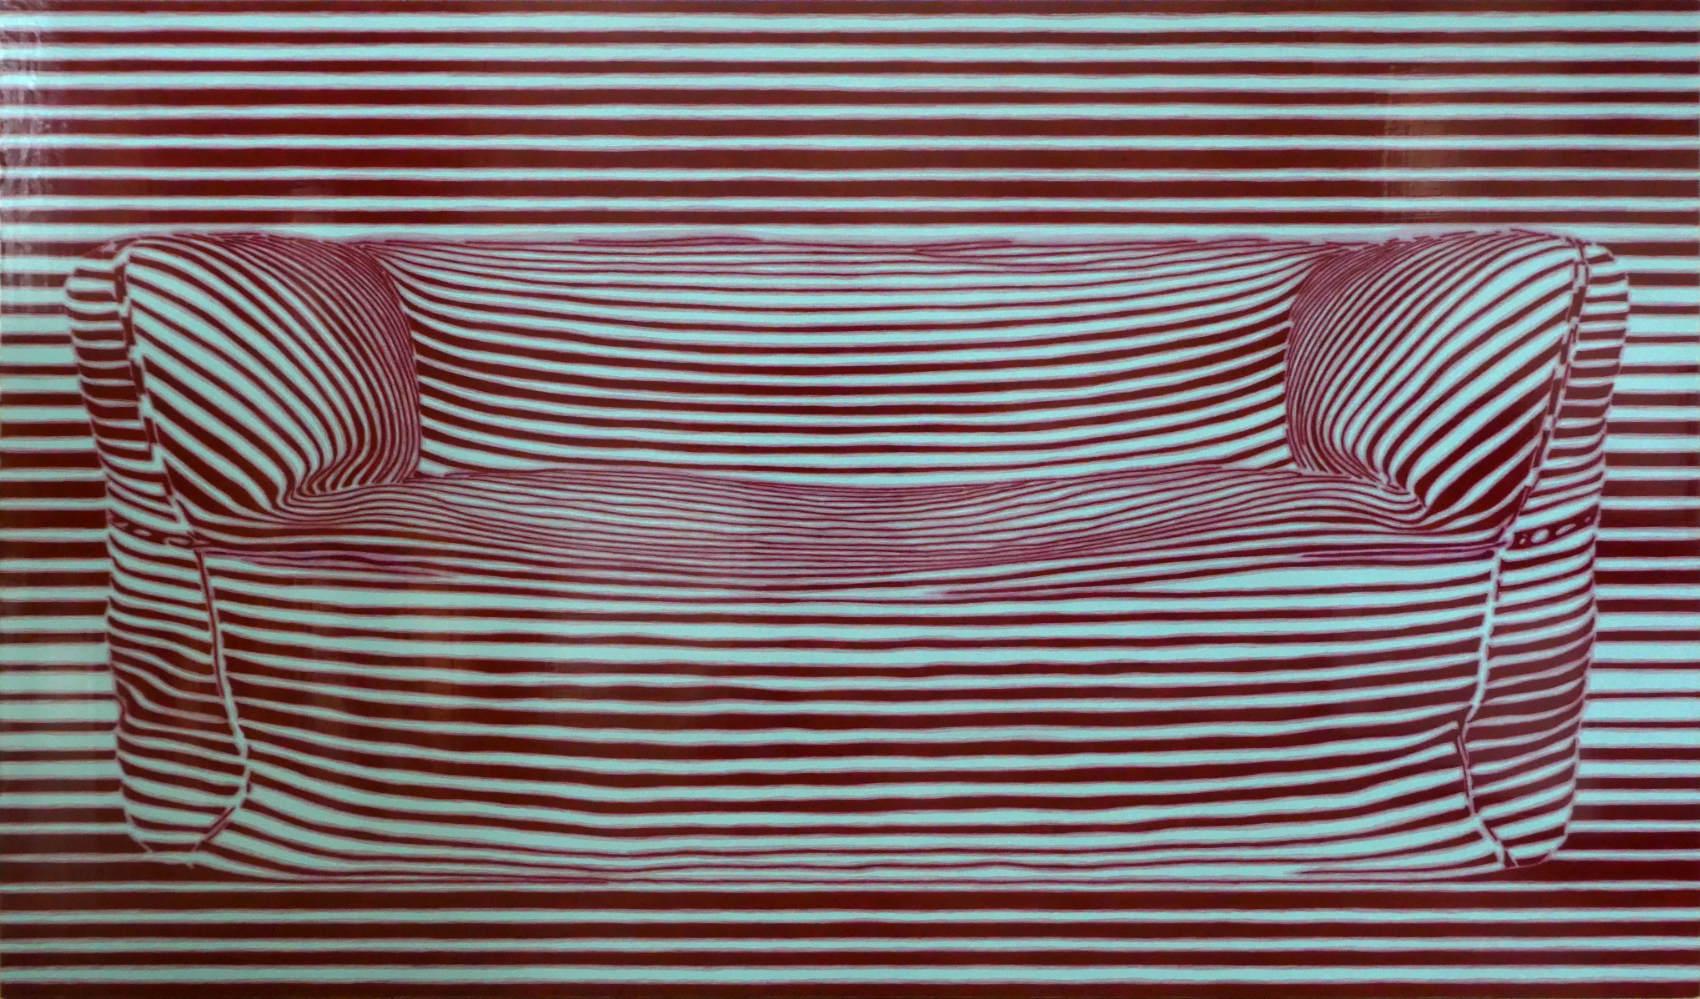 Canapé 2018, Peinture acrylique sur Corapan, 95 x 160 cm